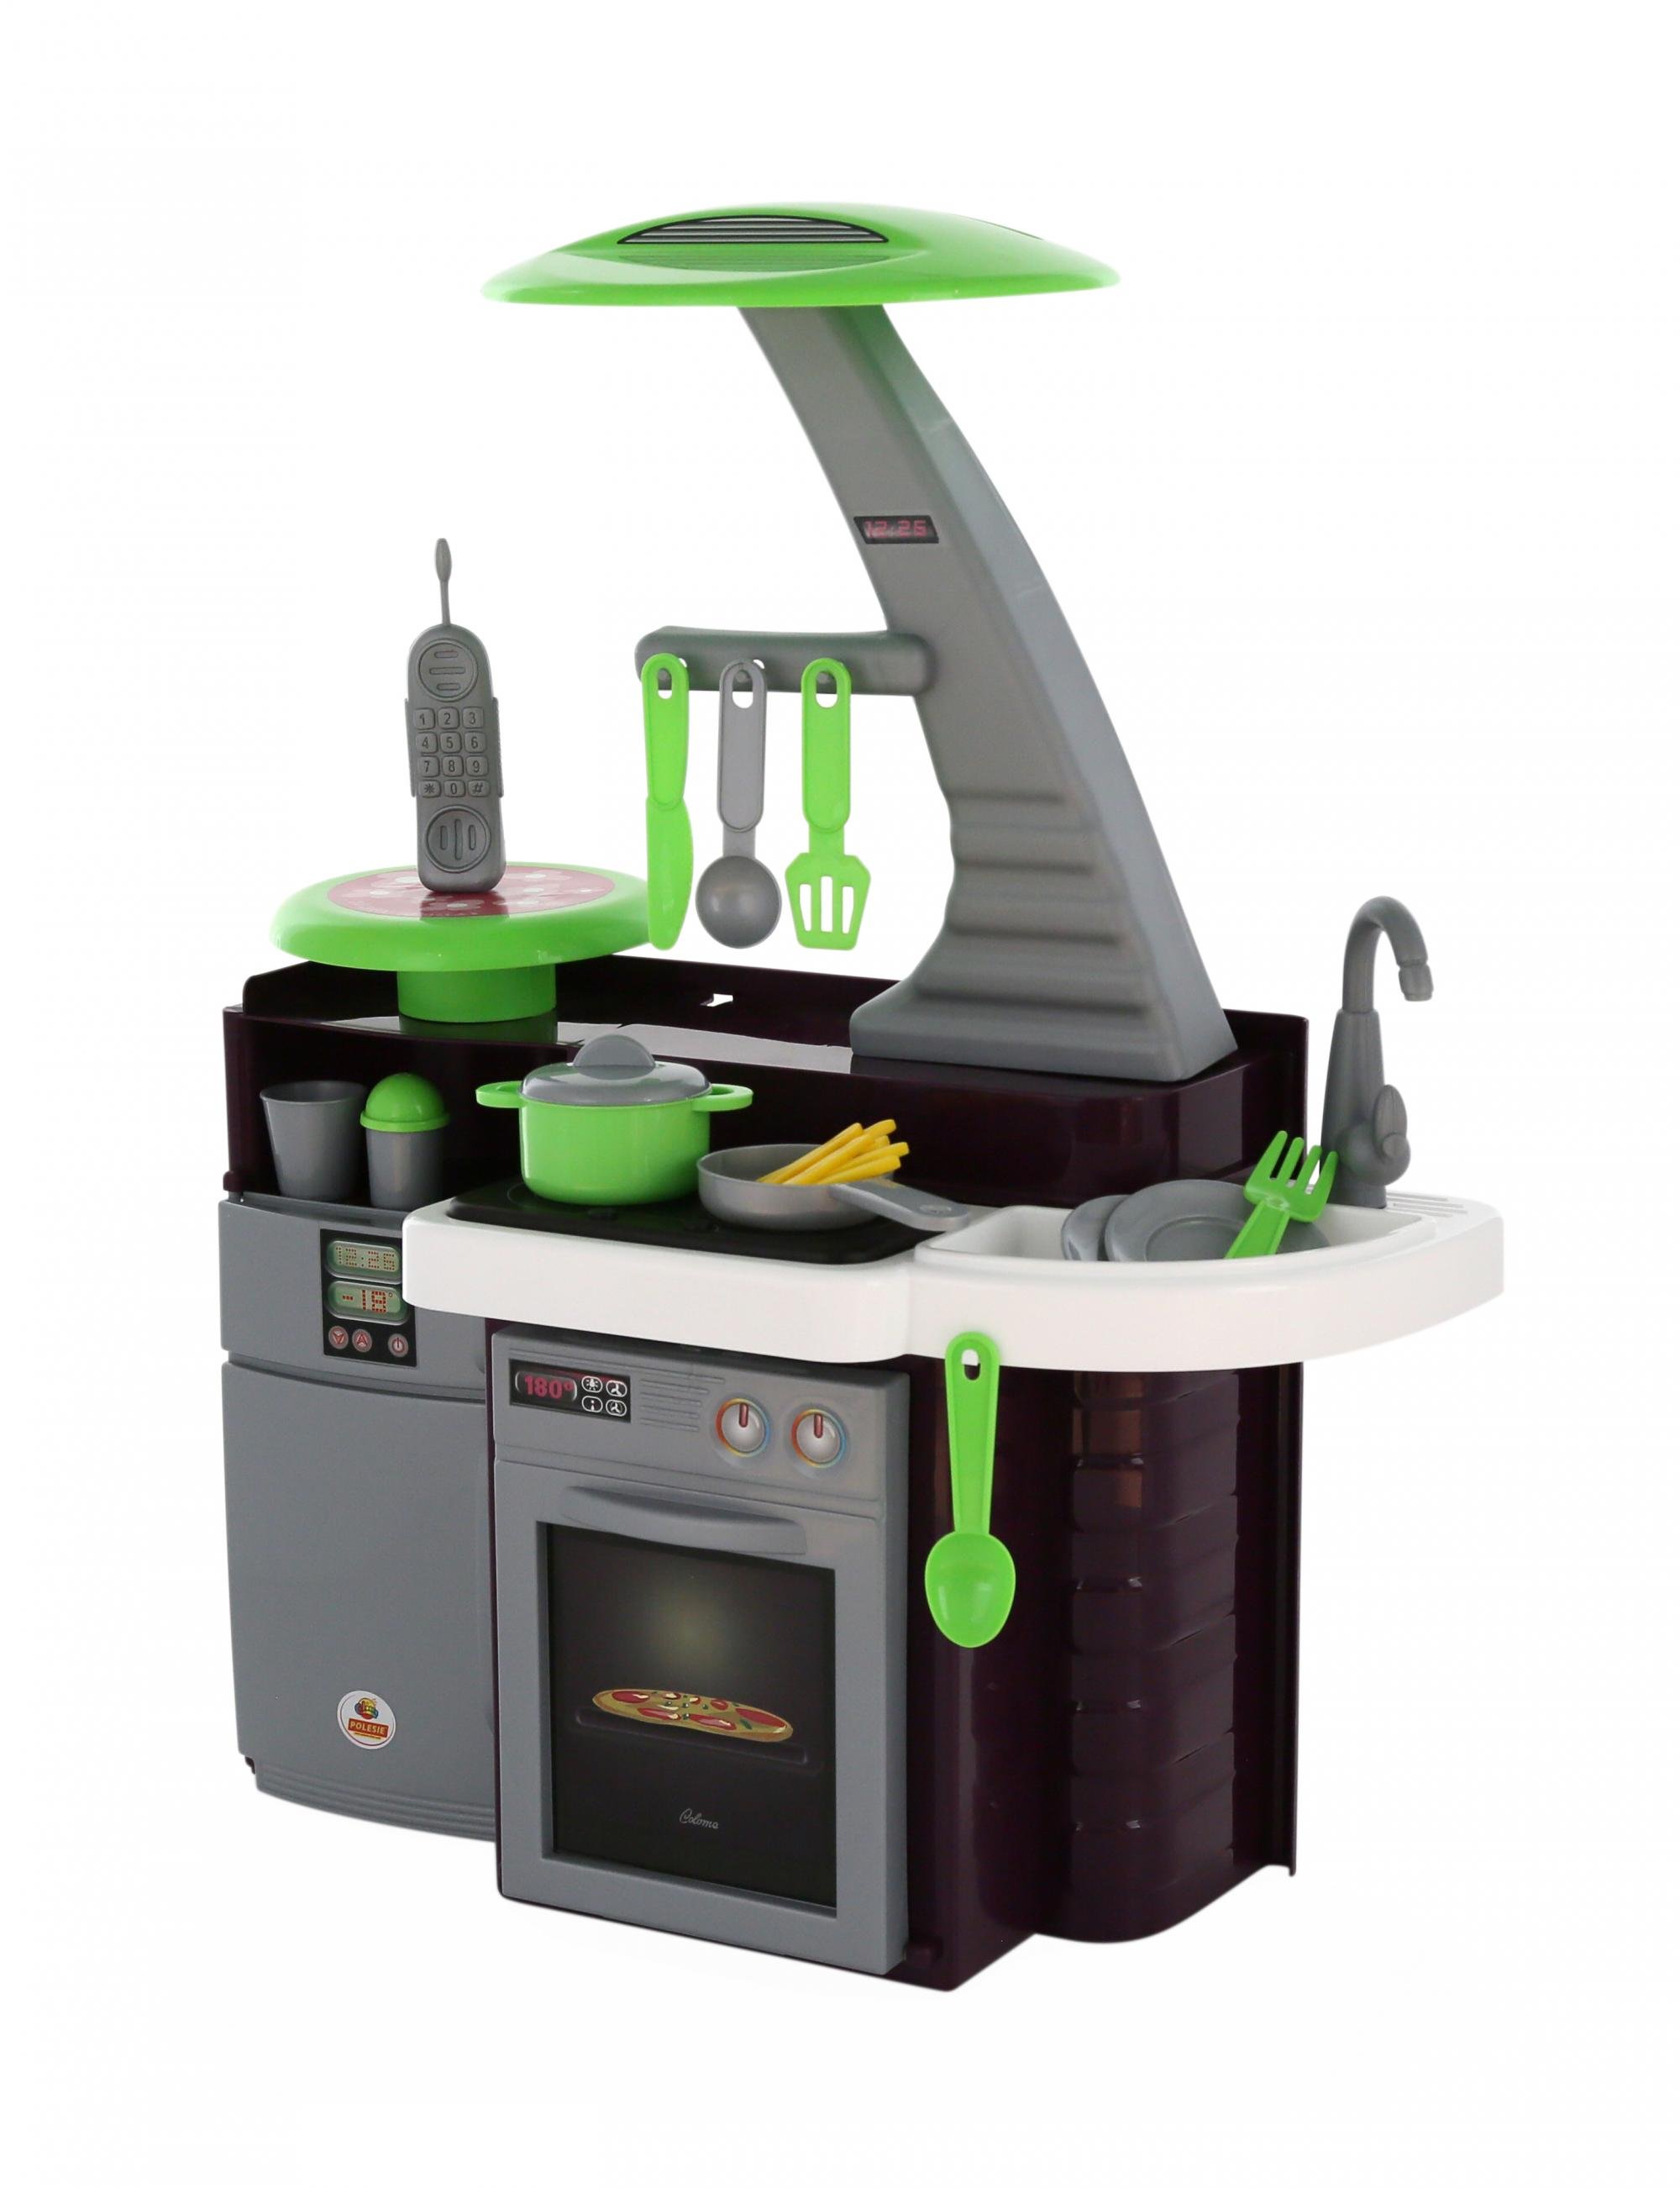 Игровая кухня Laura с варочной панелью, в пакетеДетские игровые кухни<br>Игровая кухня Laura с варочной панелью, в пакете<br>